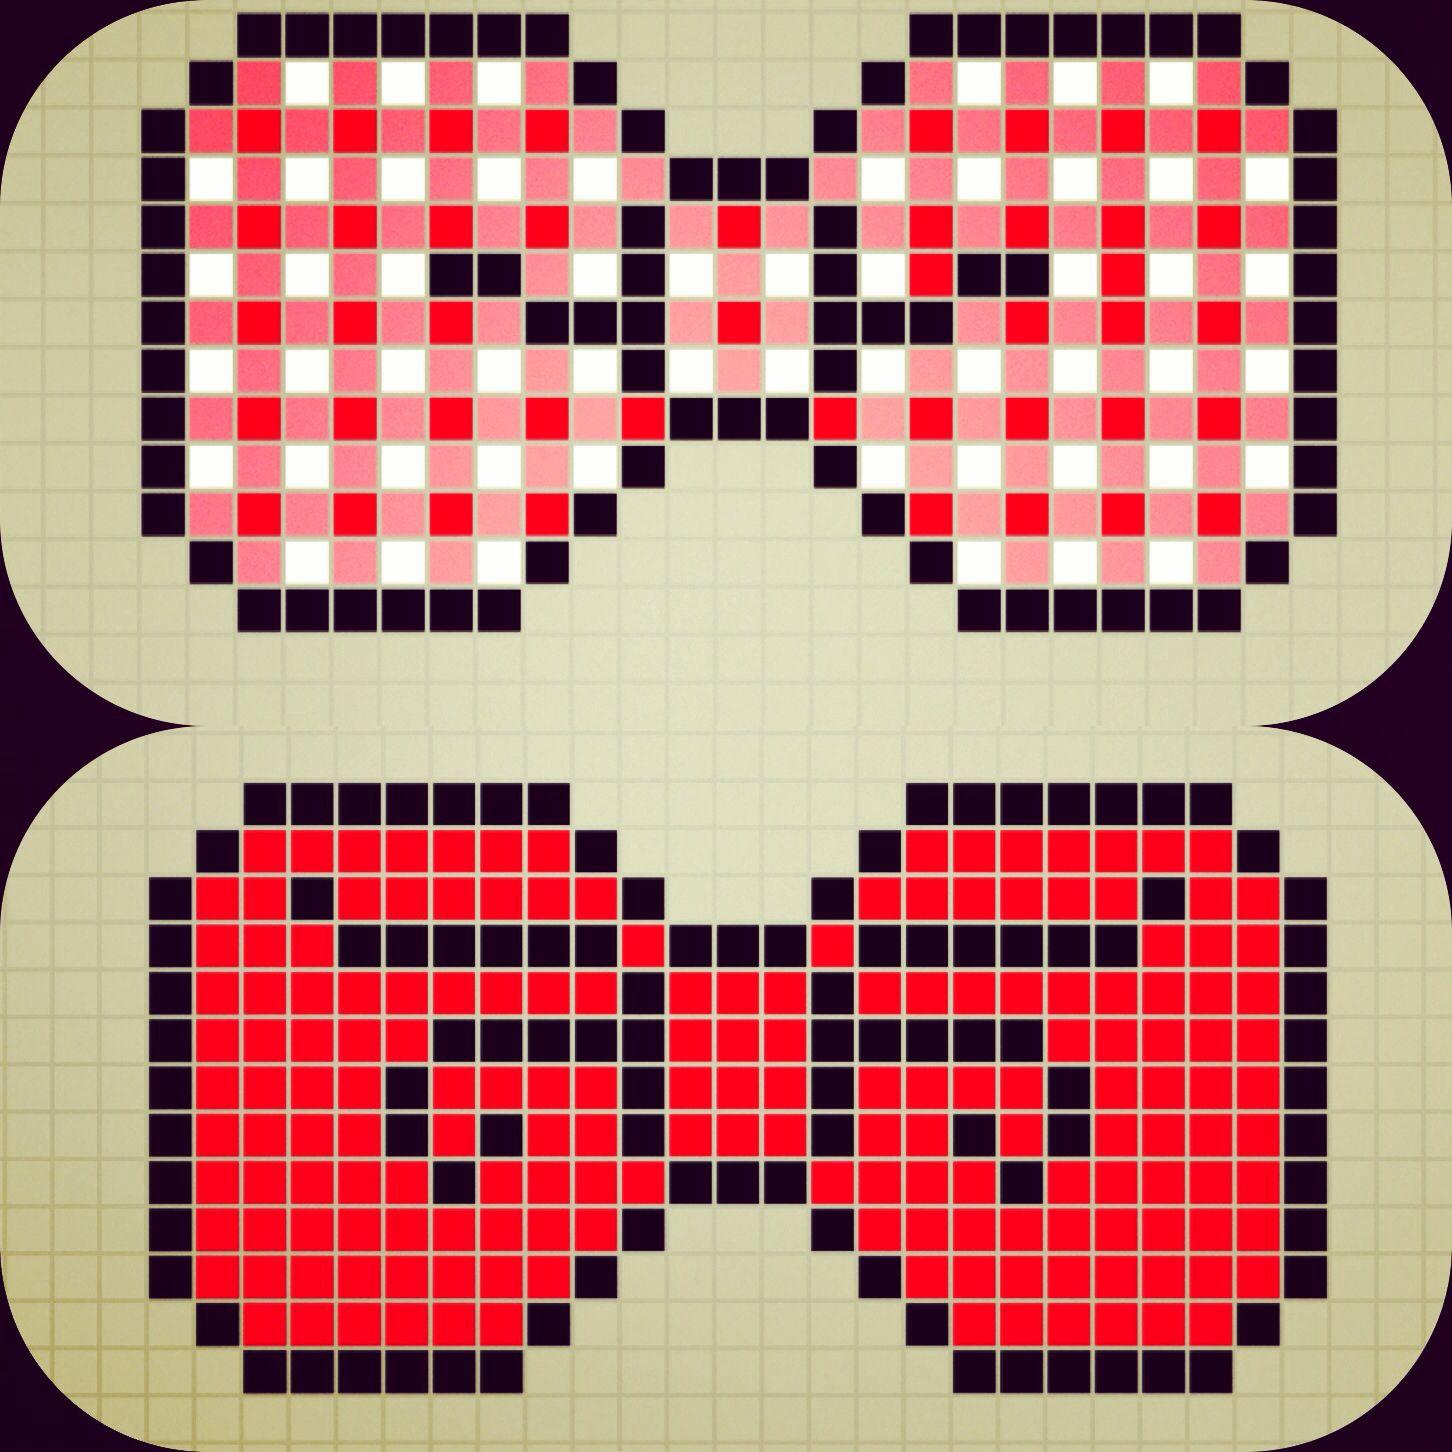 Perler bead bow ties pattern designed by Rosealine_Black